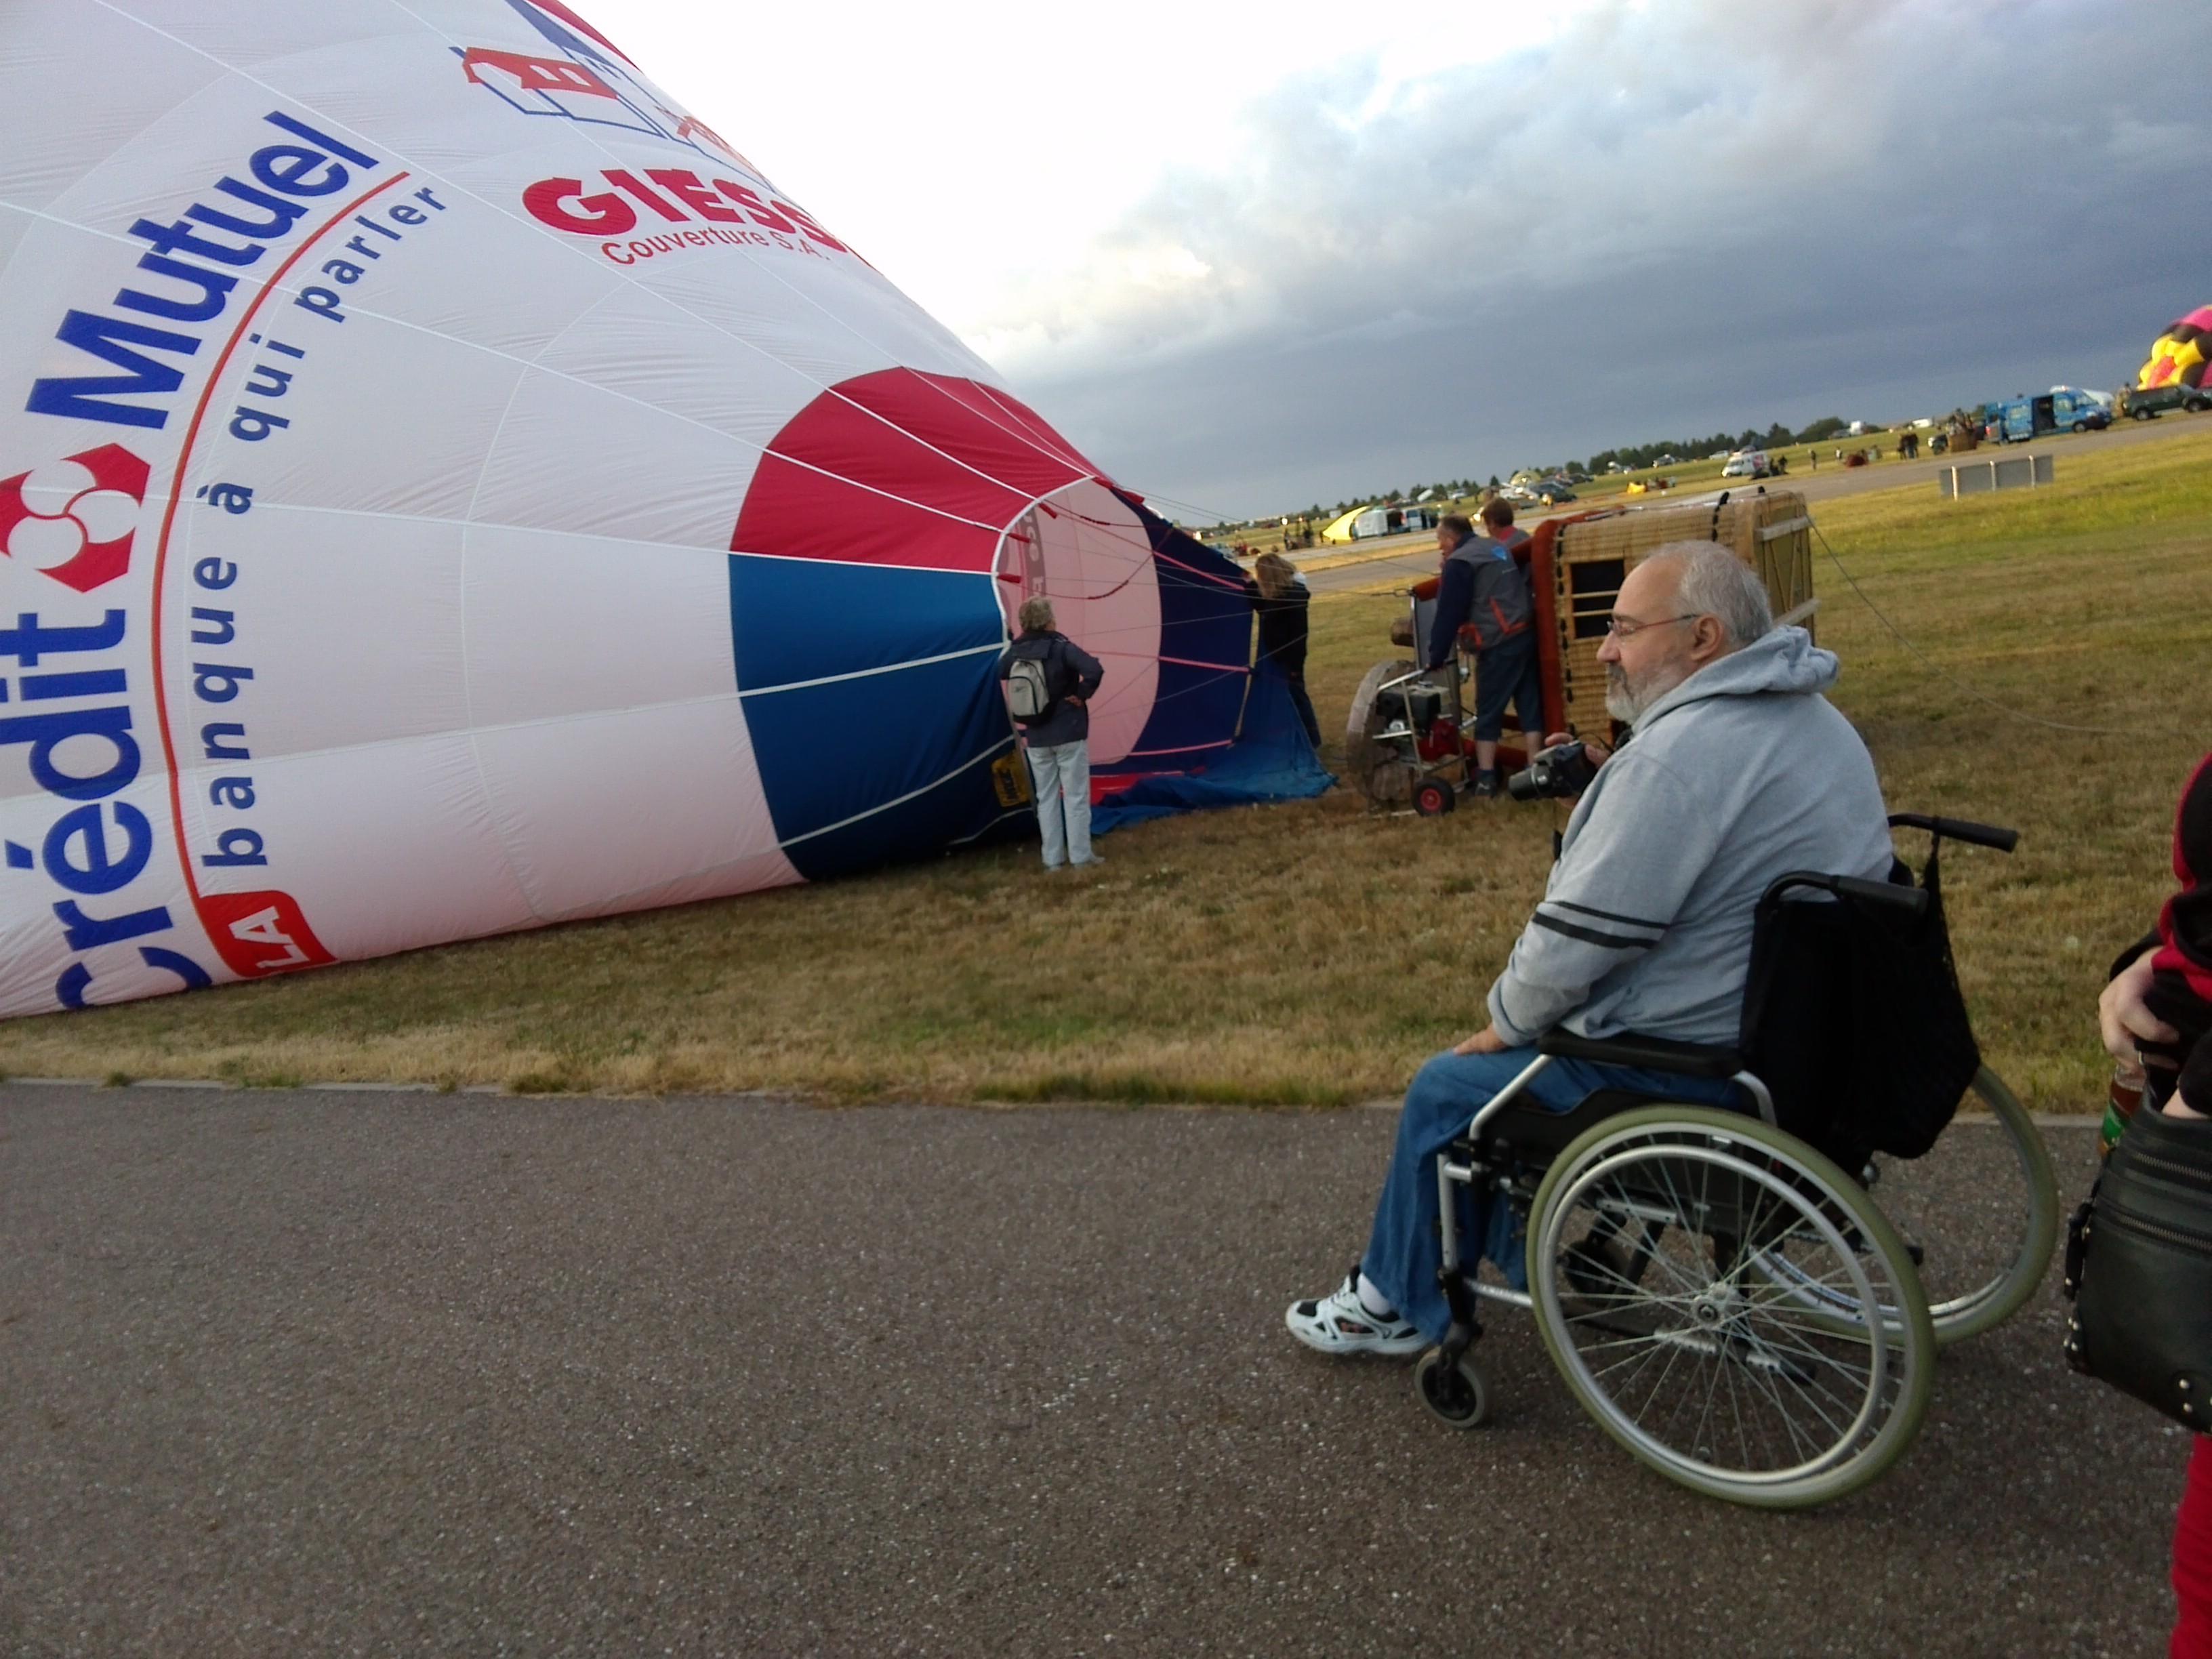 montgolfiere fauteuil roulant